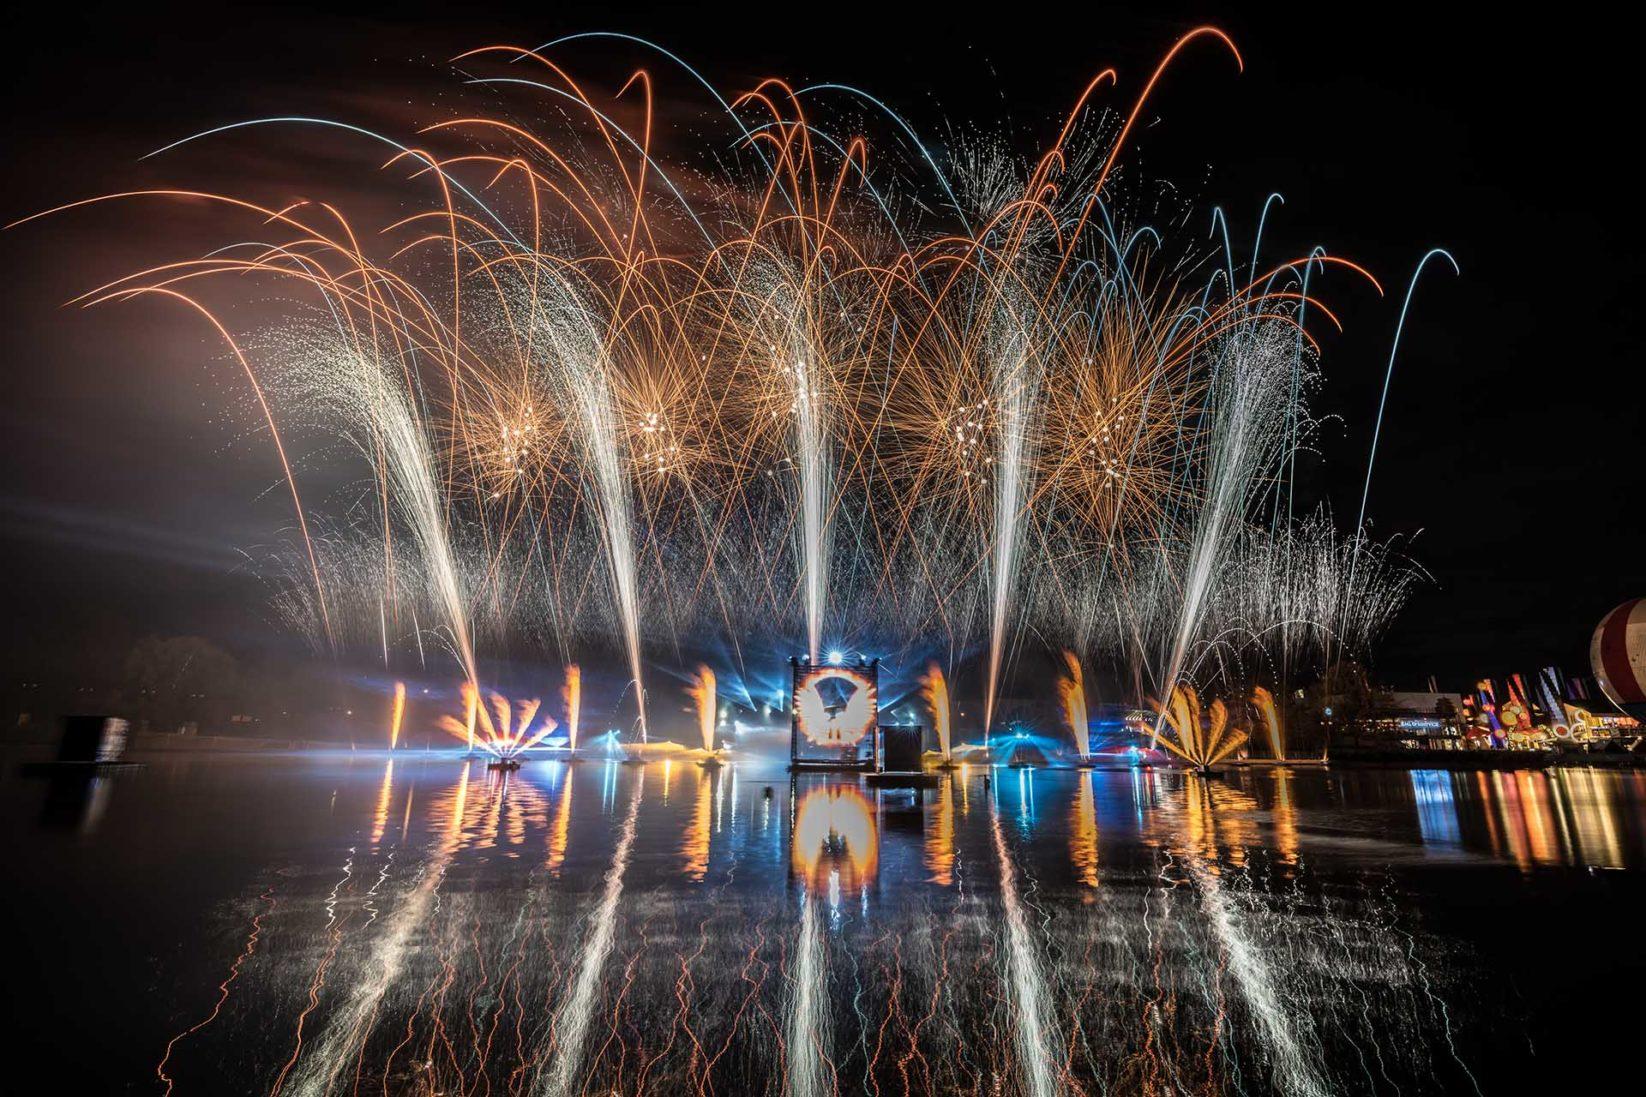 feu d'artifice sur le lac de disney village de couleur blanc et citron